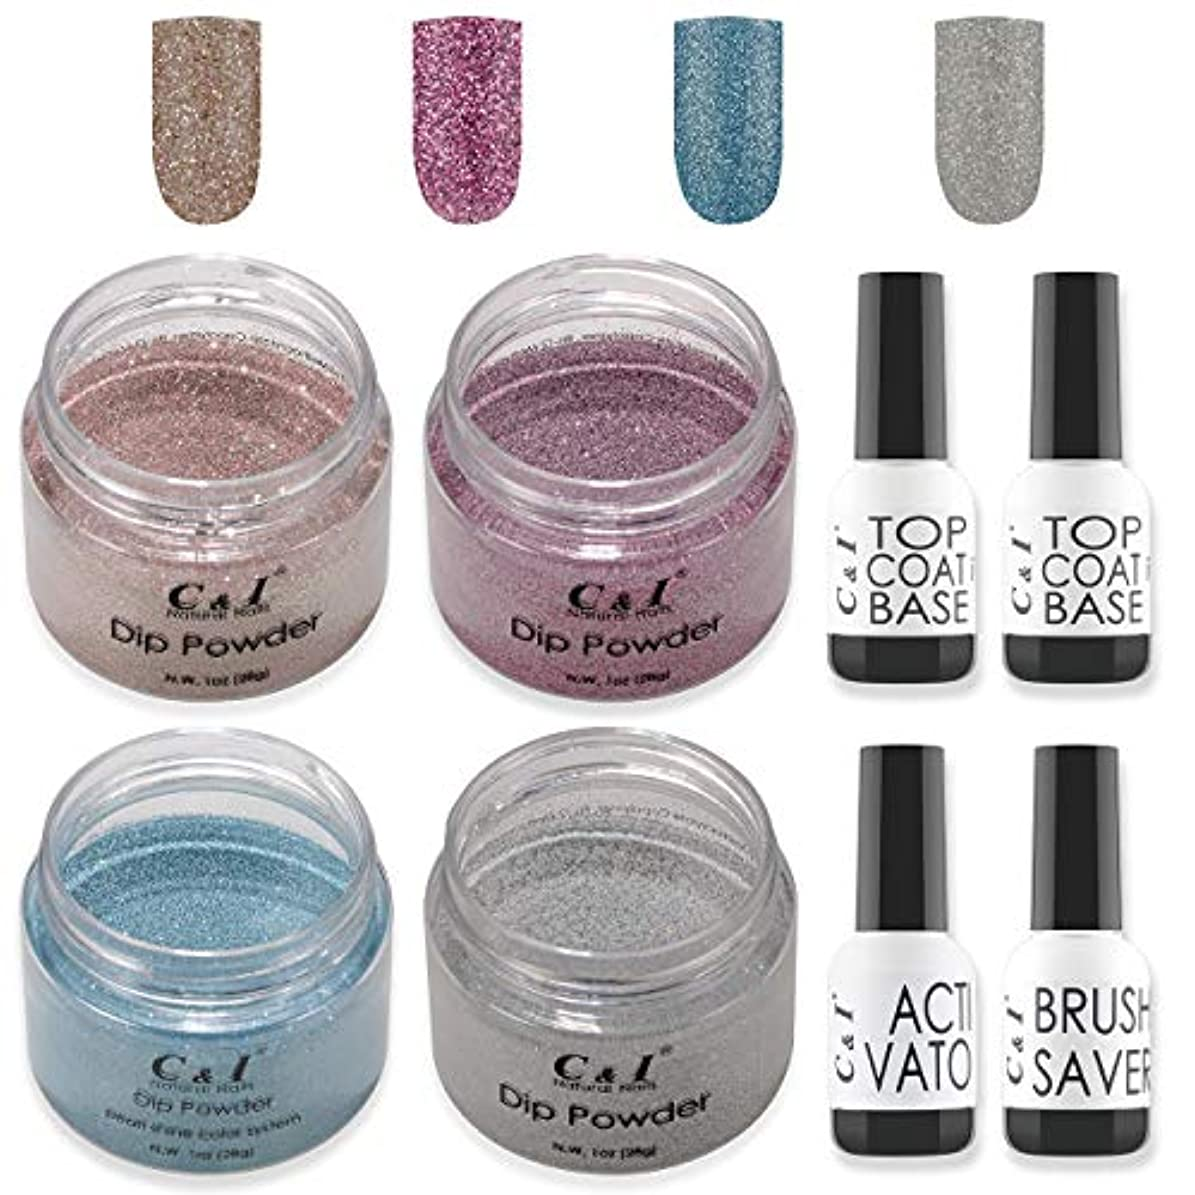 闘争アレンジ信頼性のあるC&I Dip Powder Nail Colors & Liquids Set, 4 colors and 4 liquids, glittering nail powder, N.W. 28 g * 4 pcs &...